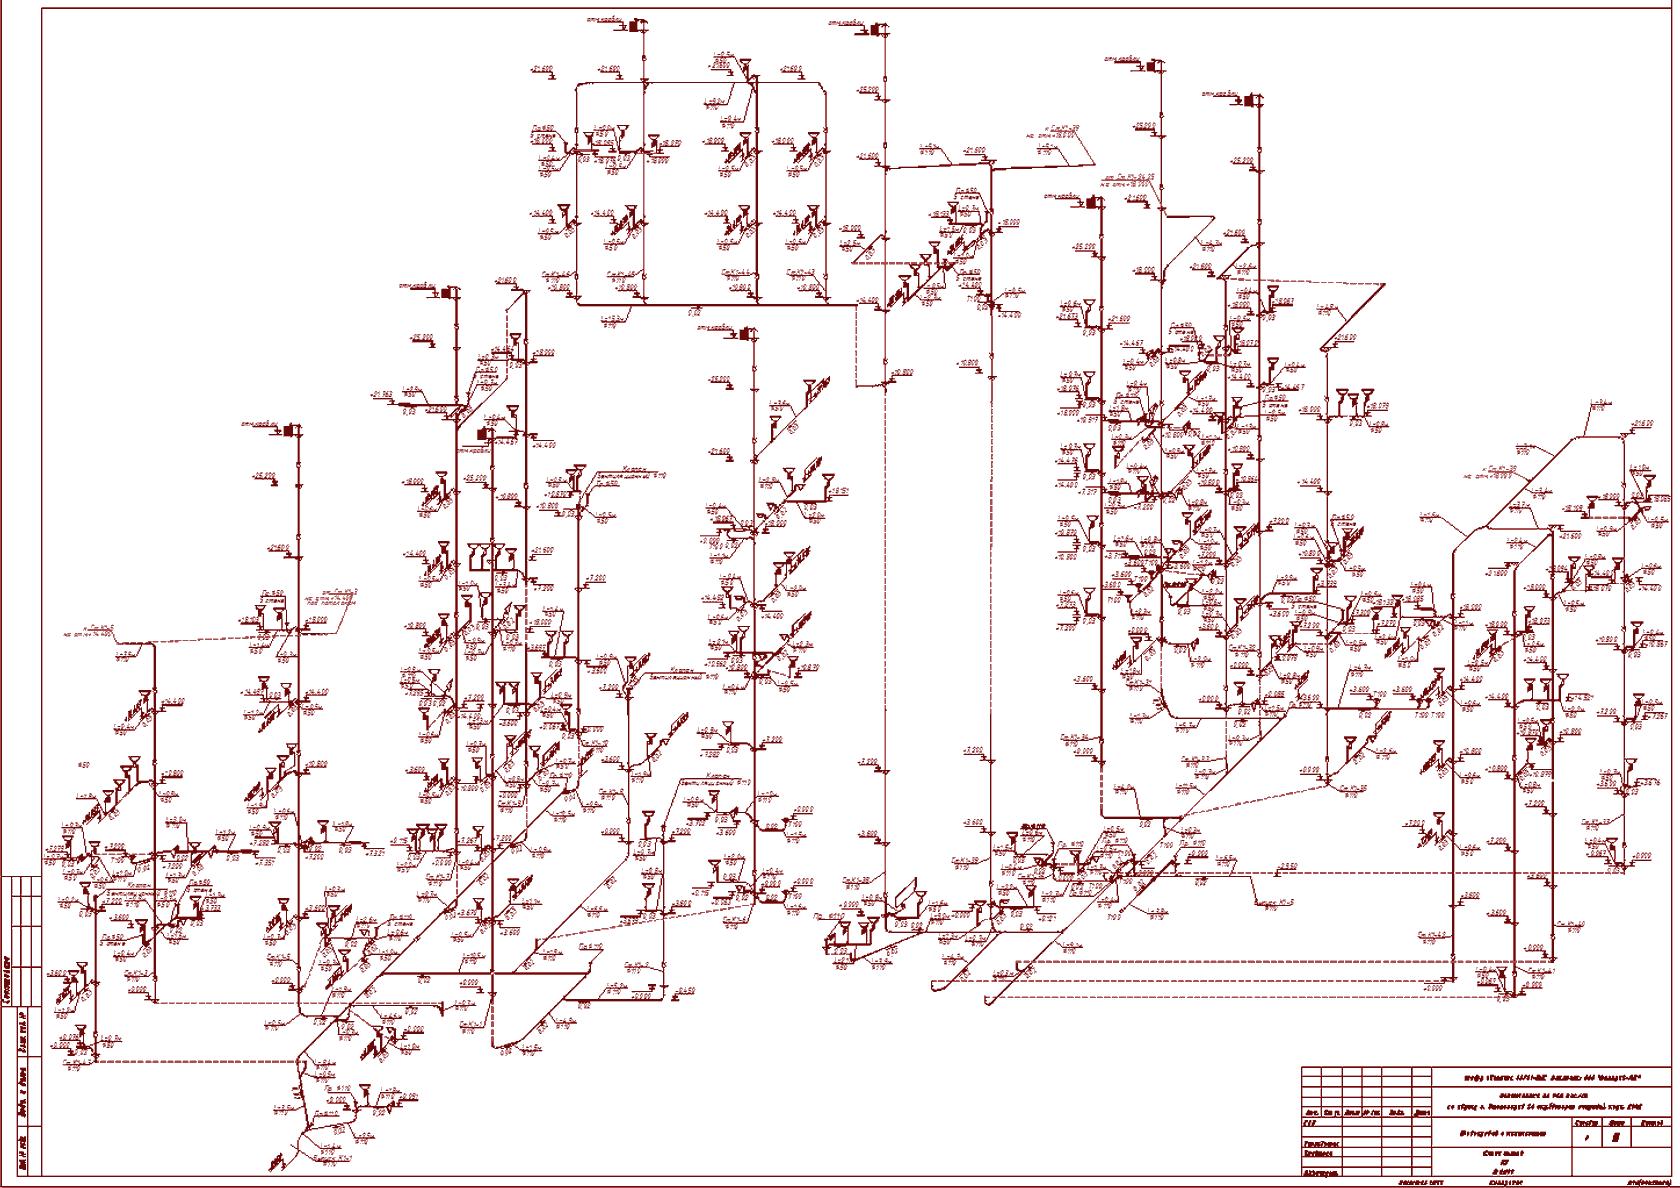 Принципиальные схемы систем водоснабжения объекта капитального строительства